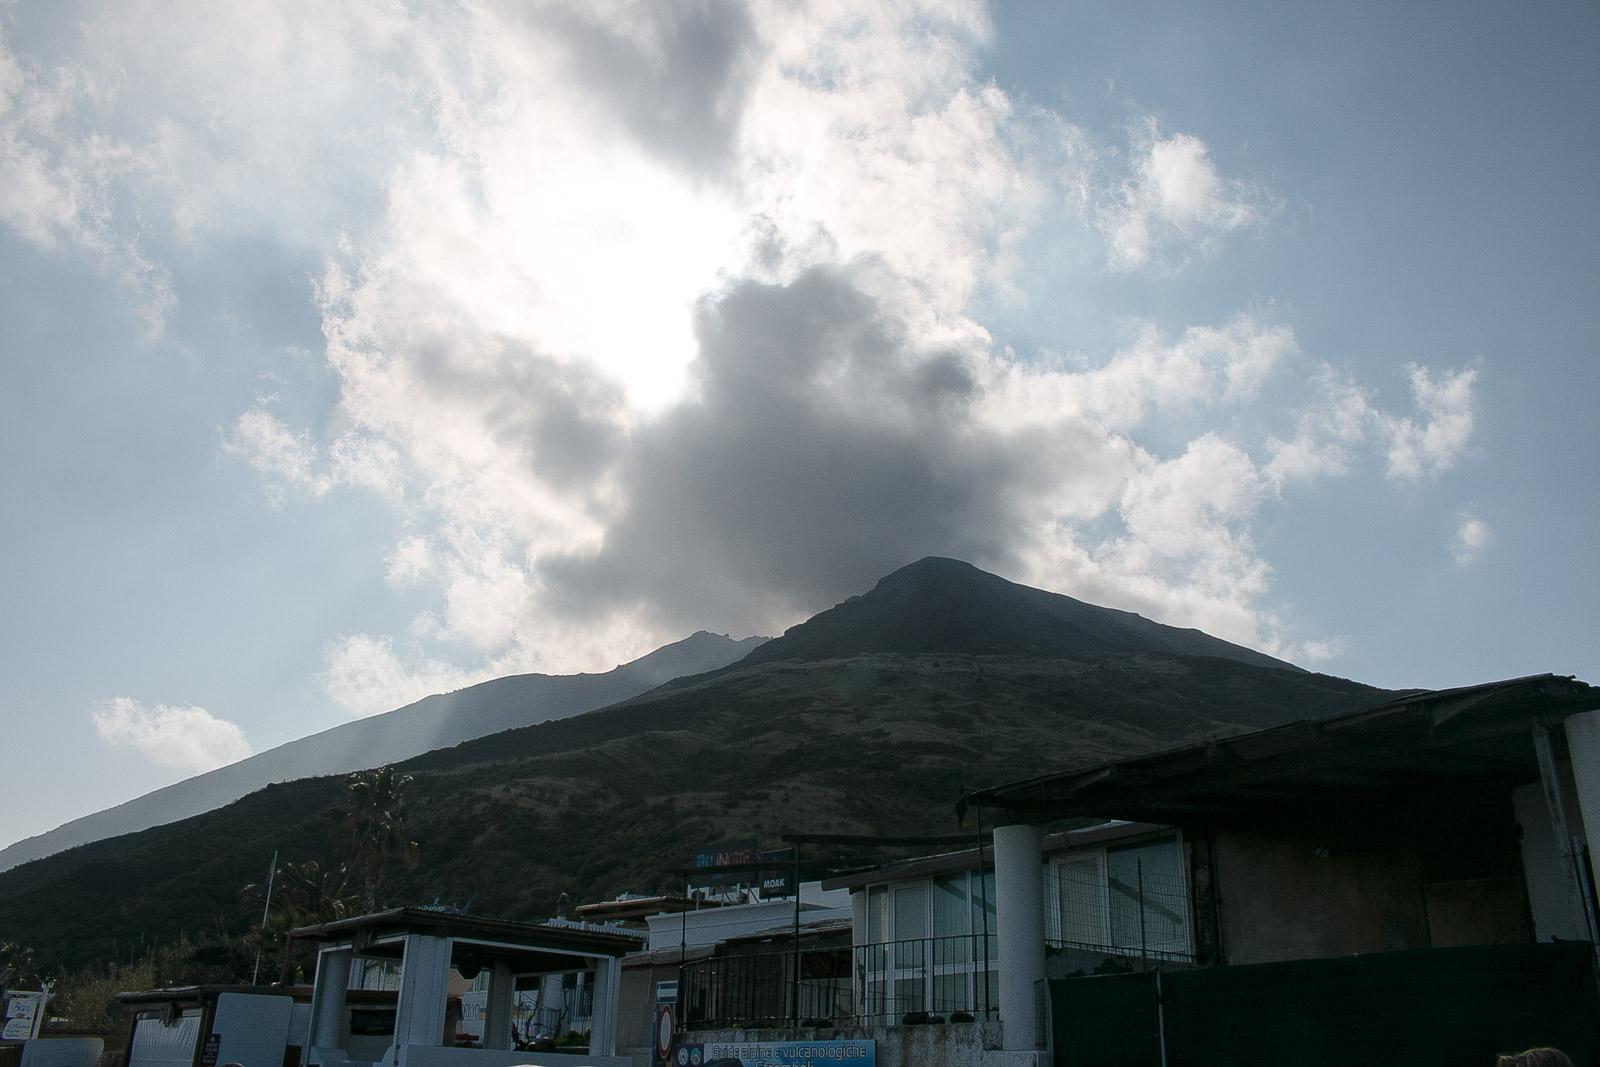 Touren zum Vulkan von Stromboli waren wegen des schlechten Wetters nicht möglich.